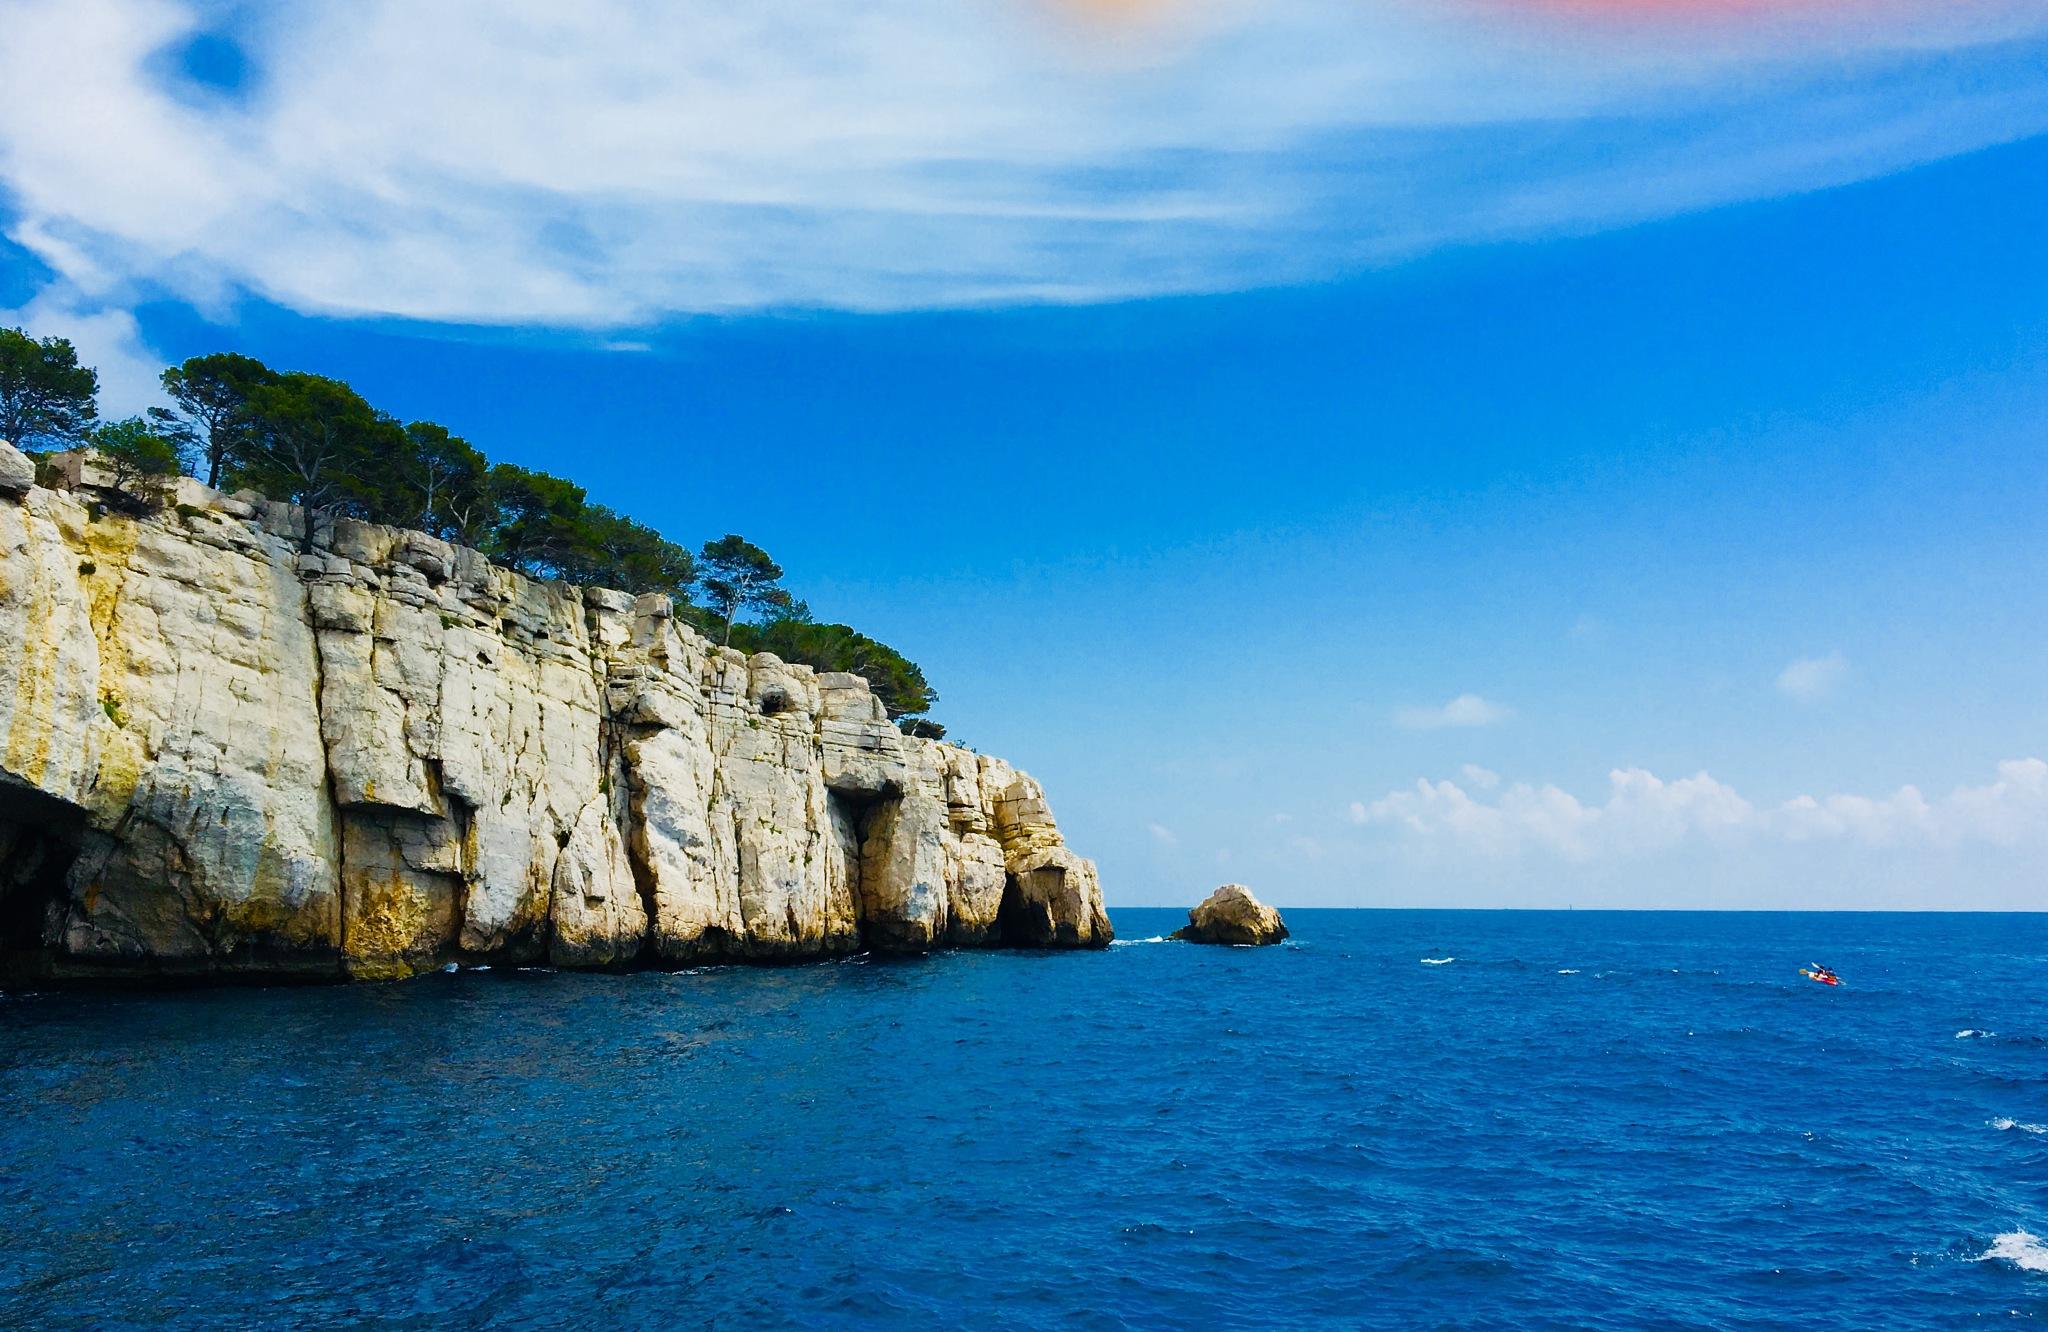 Mediterranean Sea by ceciliacarcamo